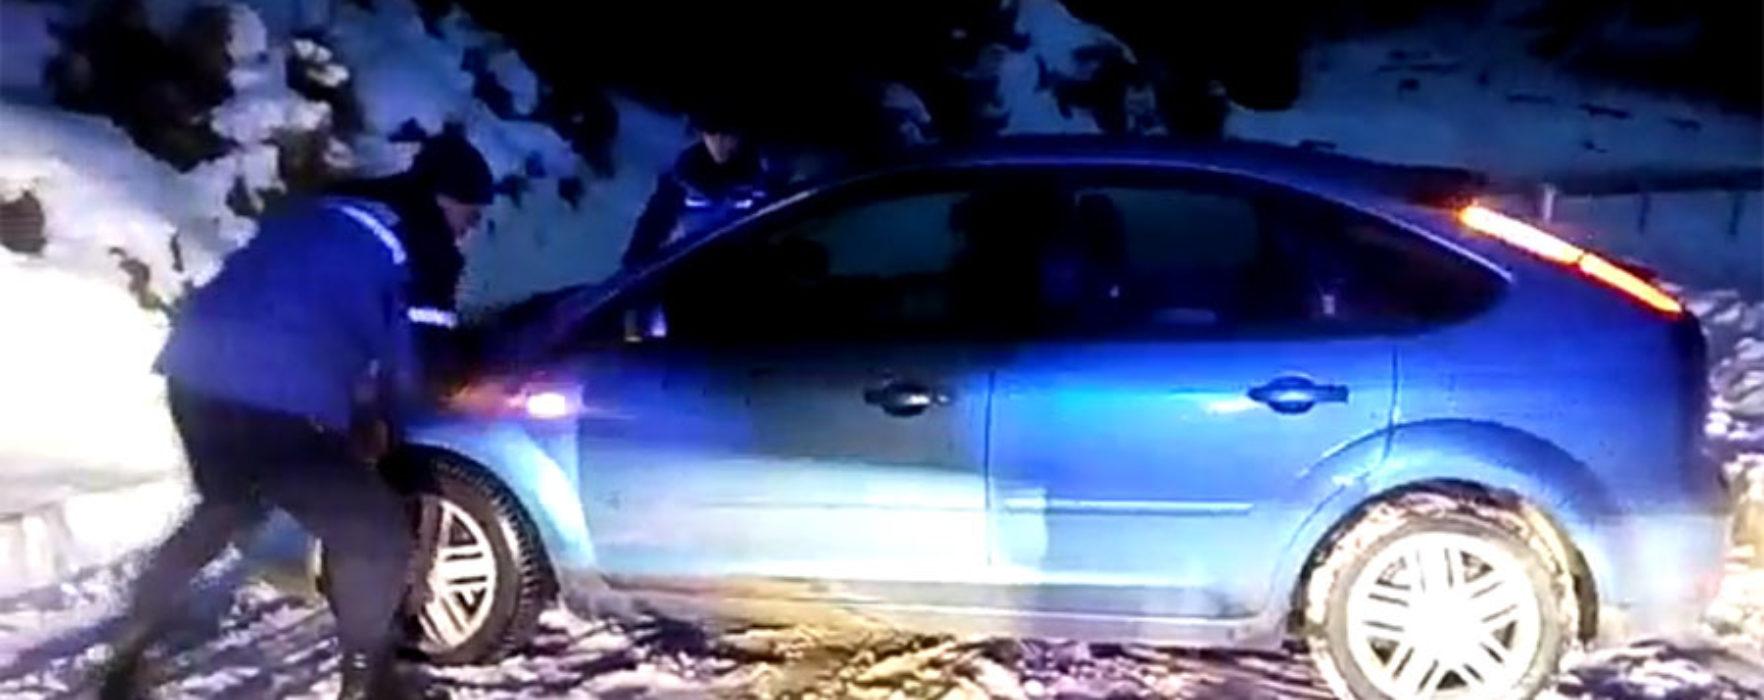 Dâmboviţa: Maşină rămasă înzăpezită în zona montană